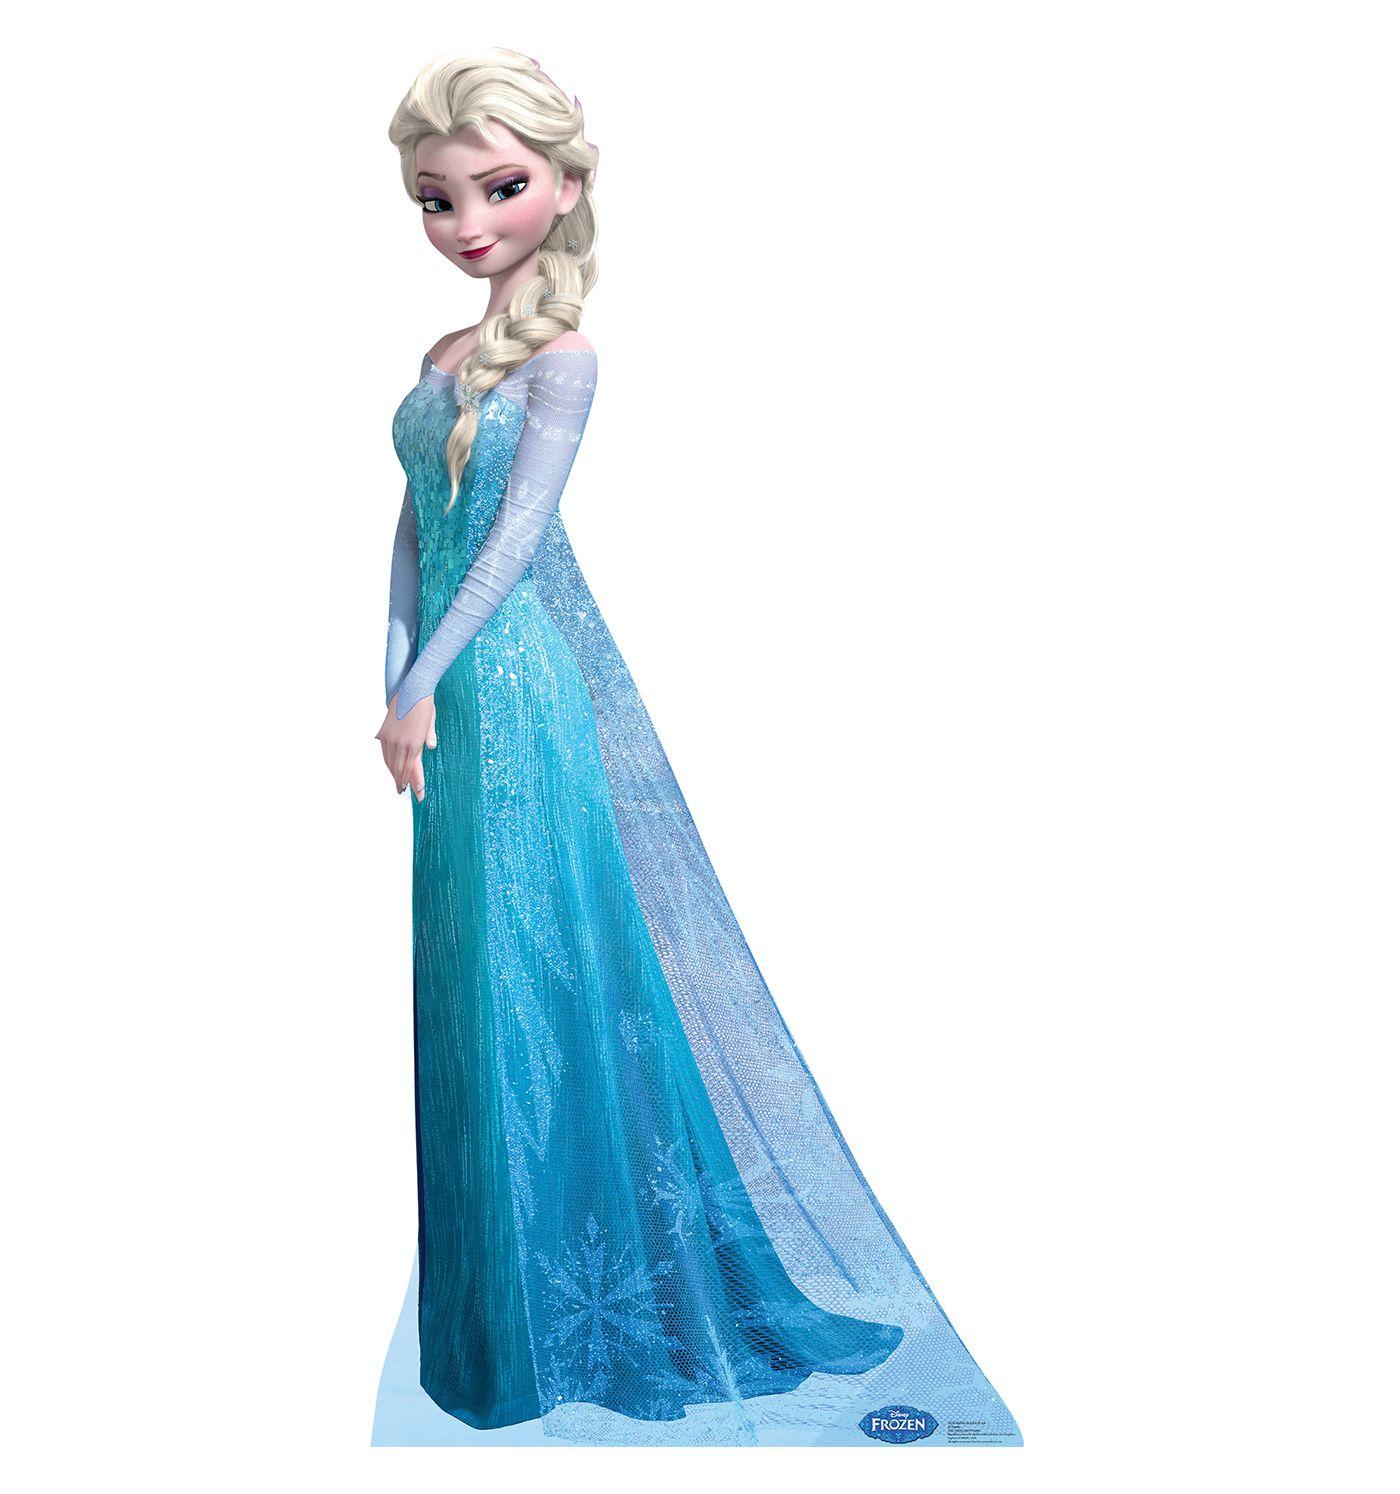 pictures of elsa from frozen | Snow Queen Elsa - Disney's Frozen | Advanced GraphicsAdvanced Graphics